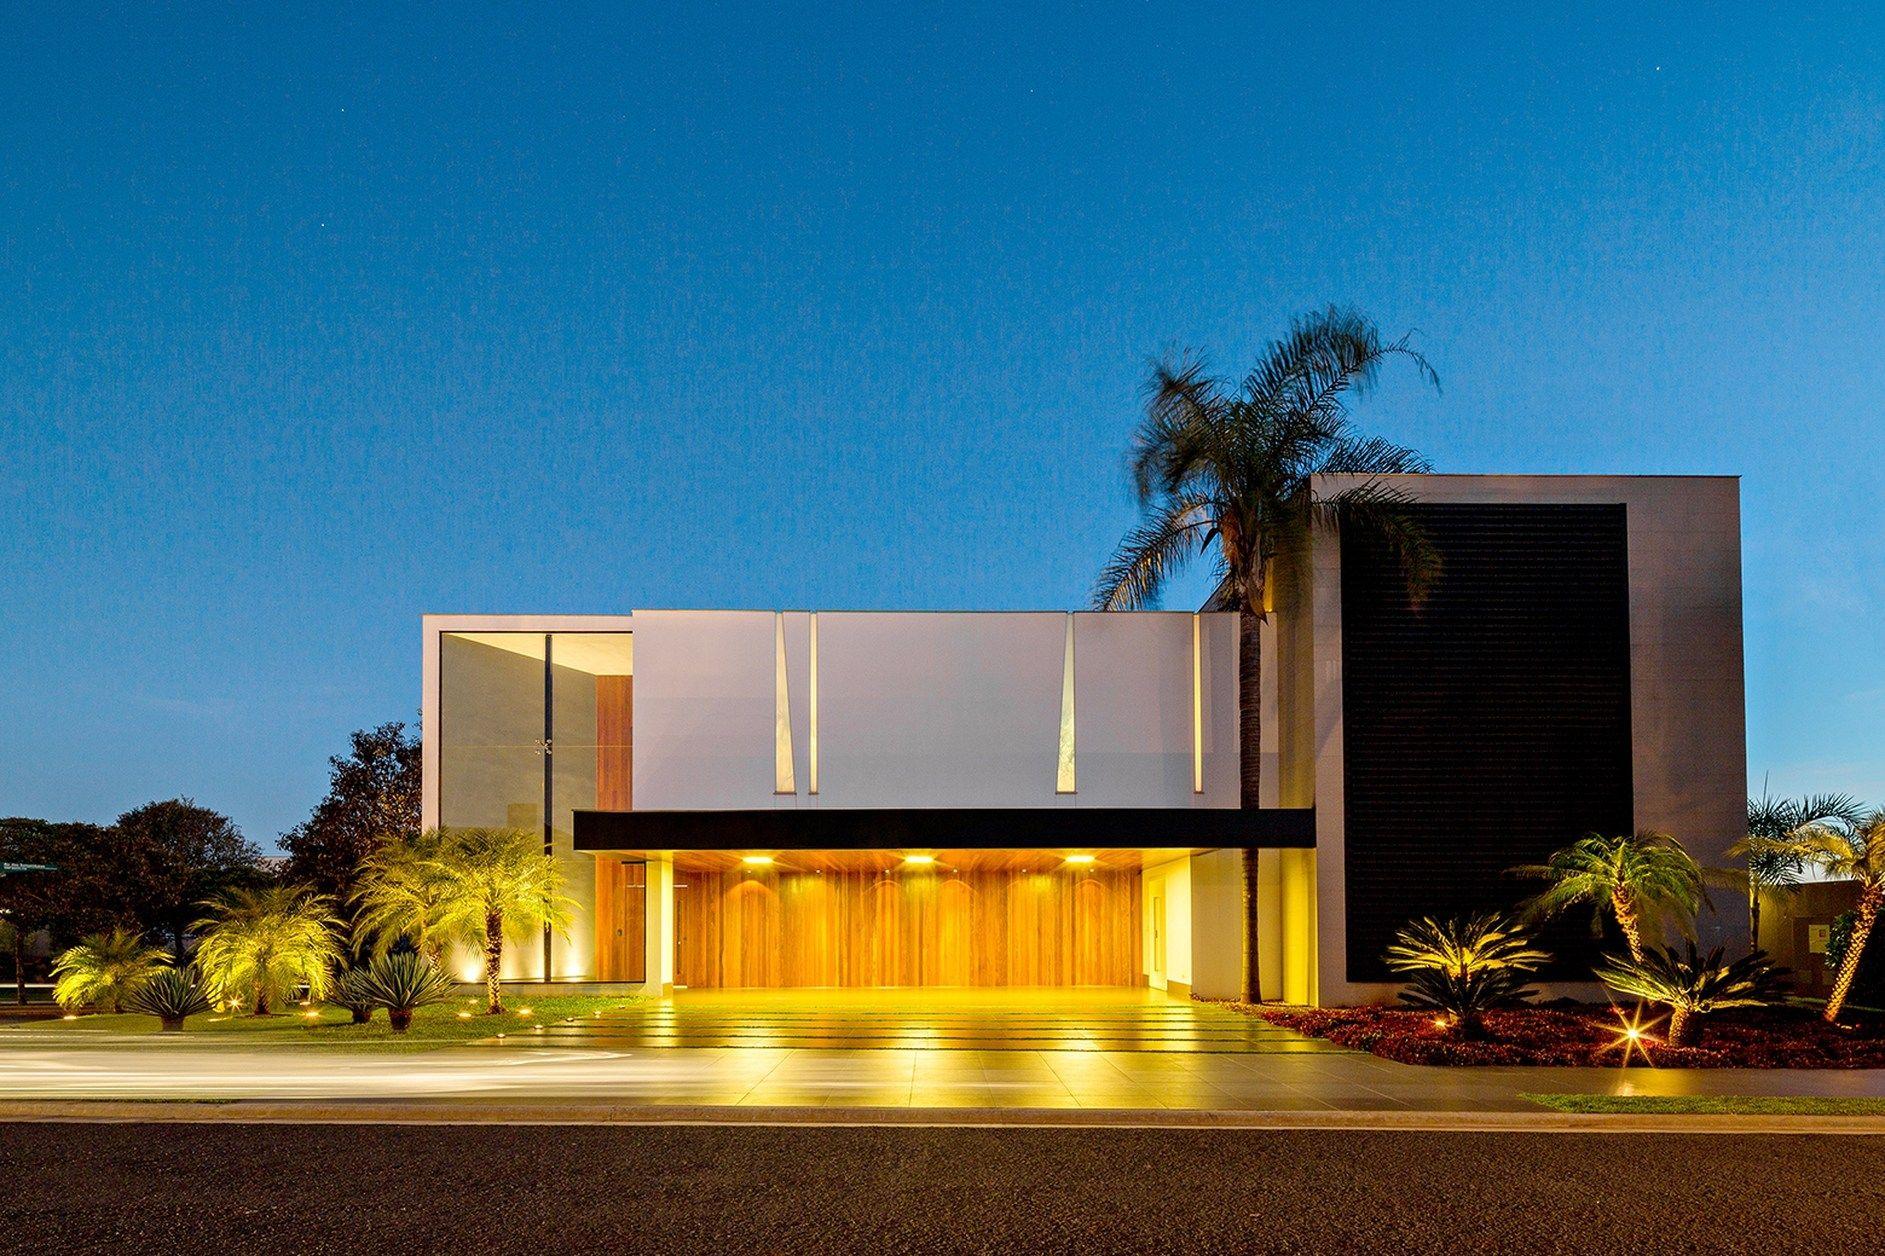 дом необычного дизайна